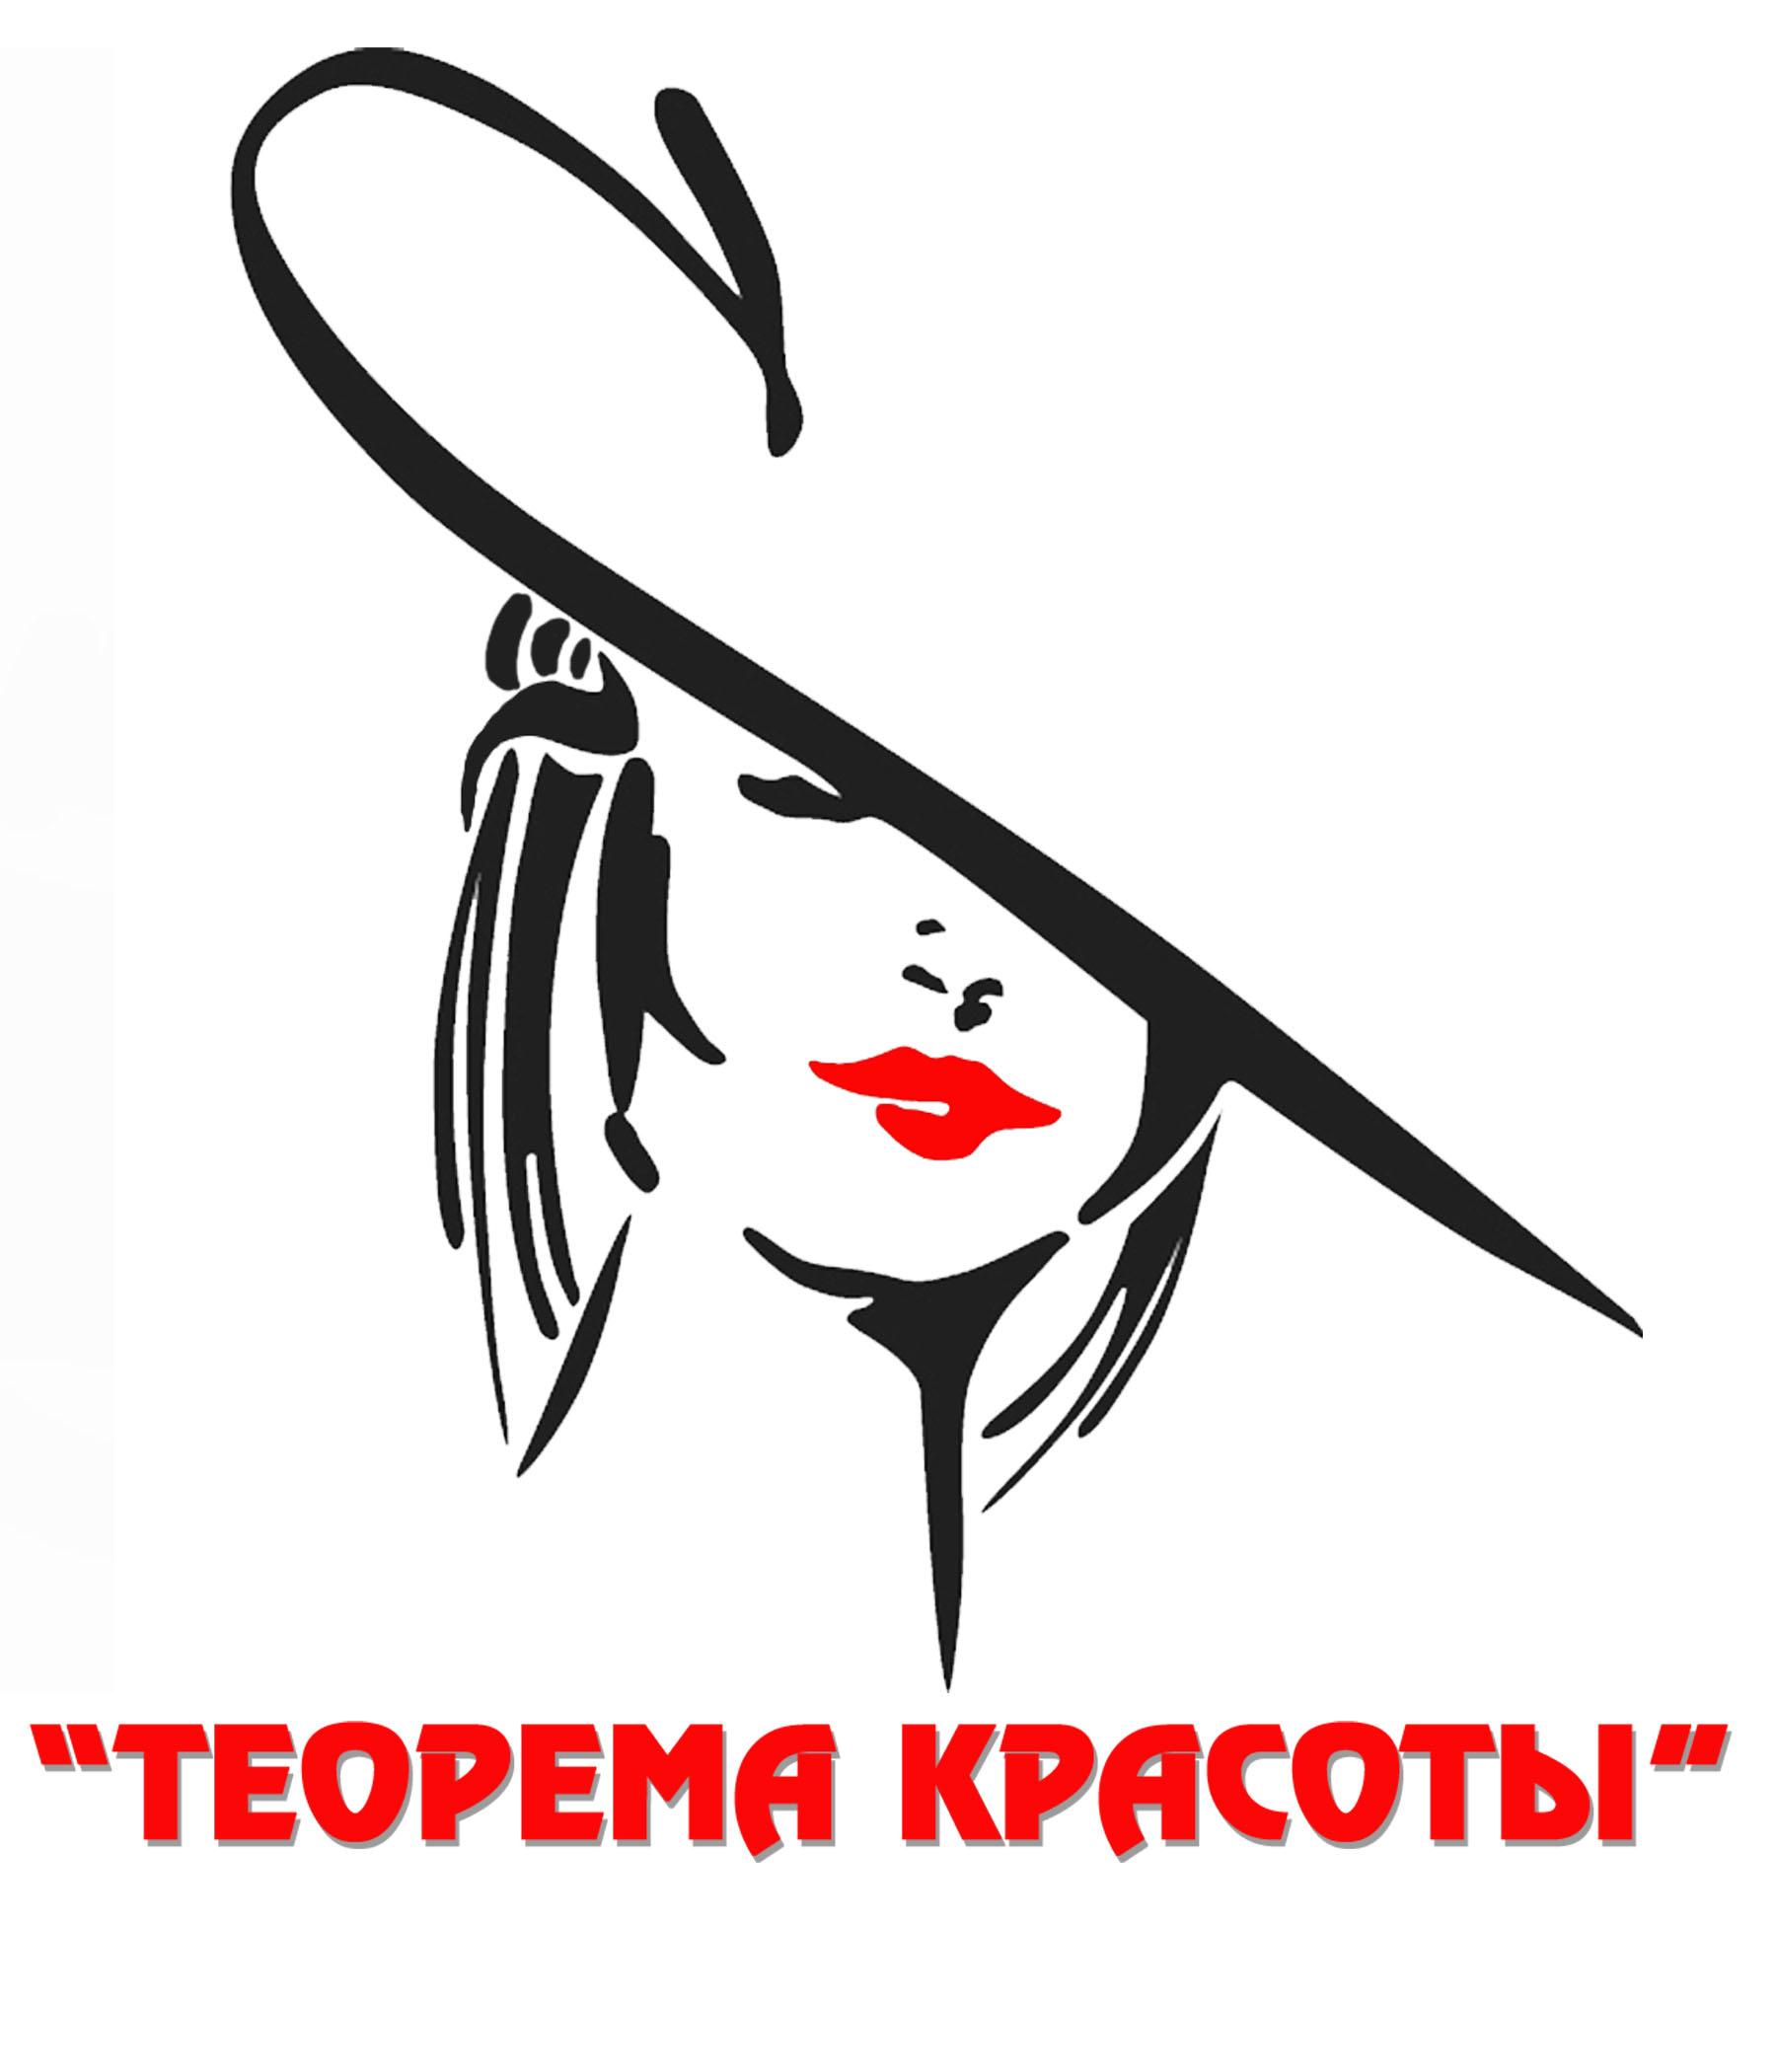 """Различные виды массажа от 10 руб. в косметическом кабинет """"Теорема красоты"""""""